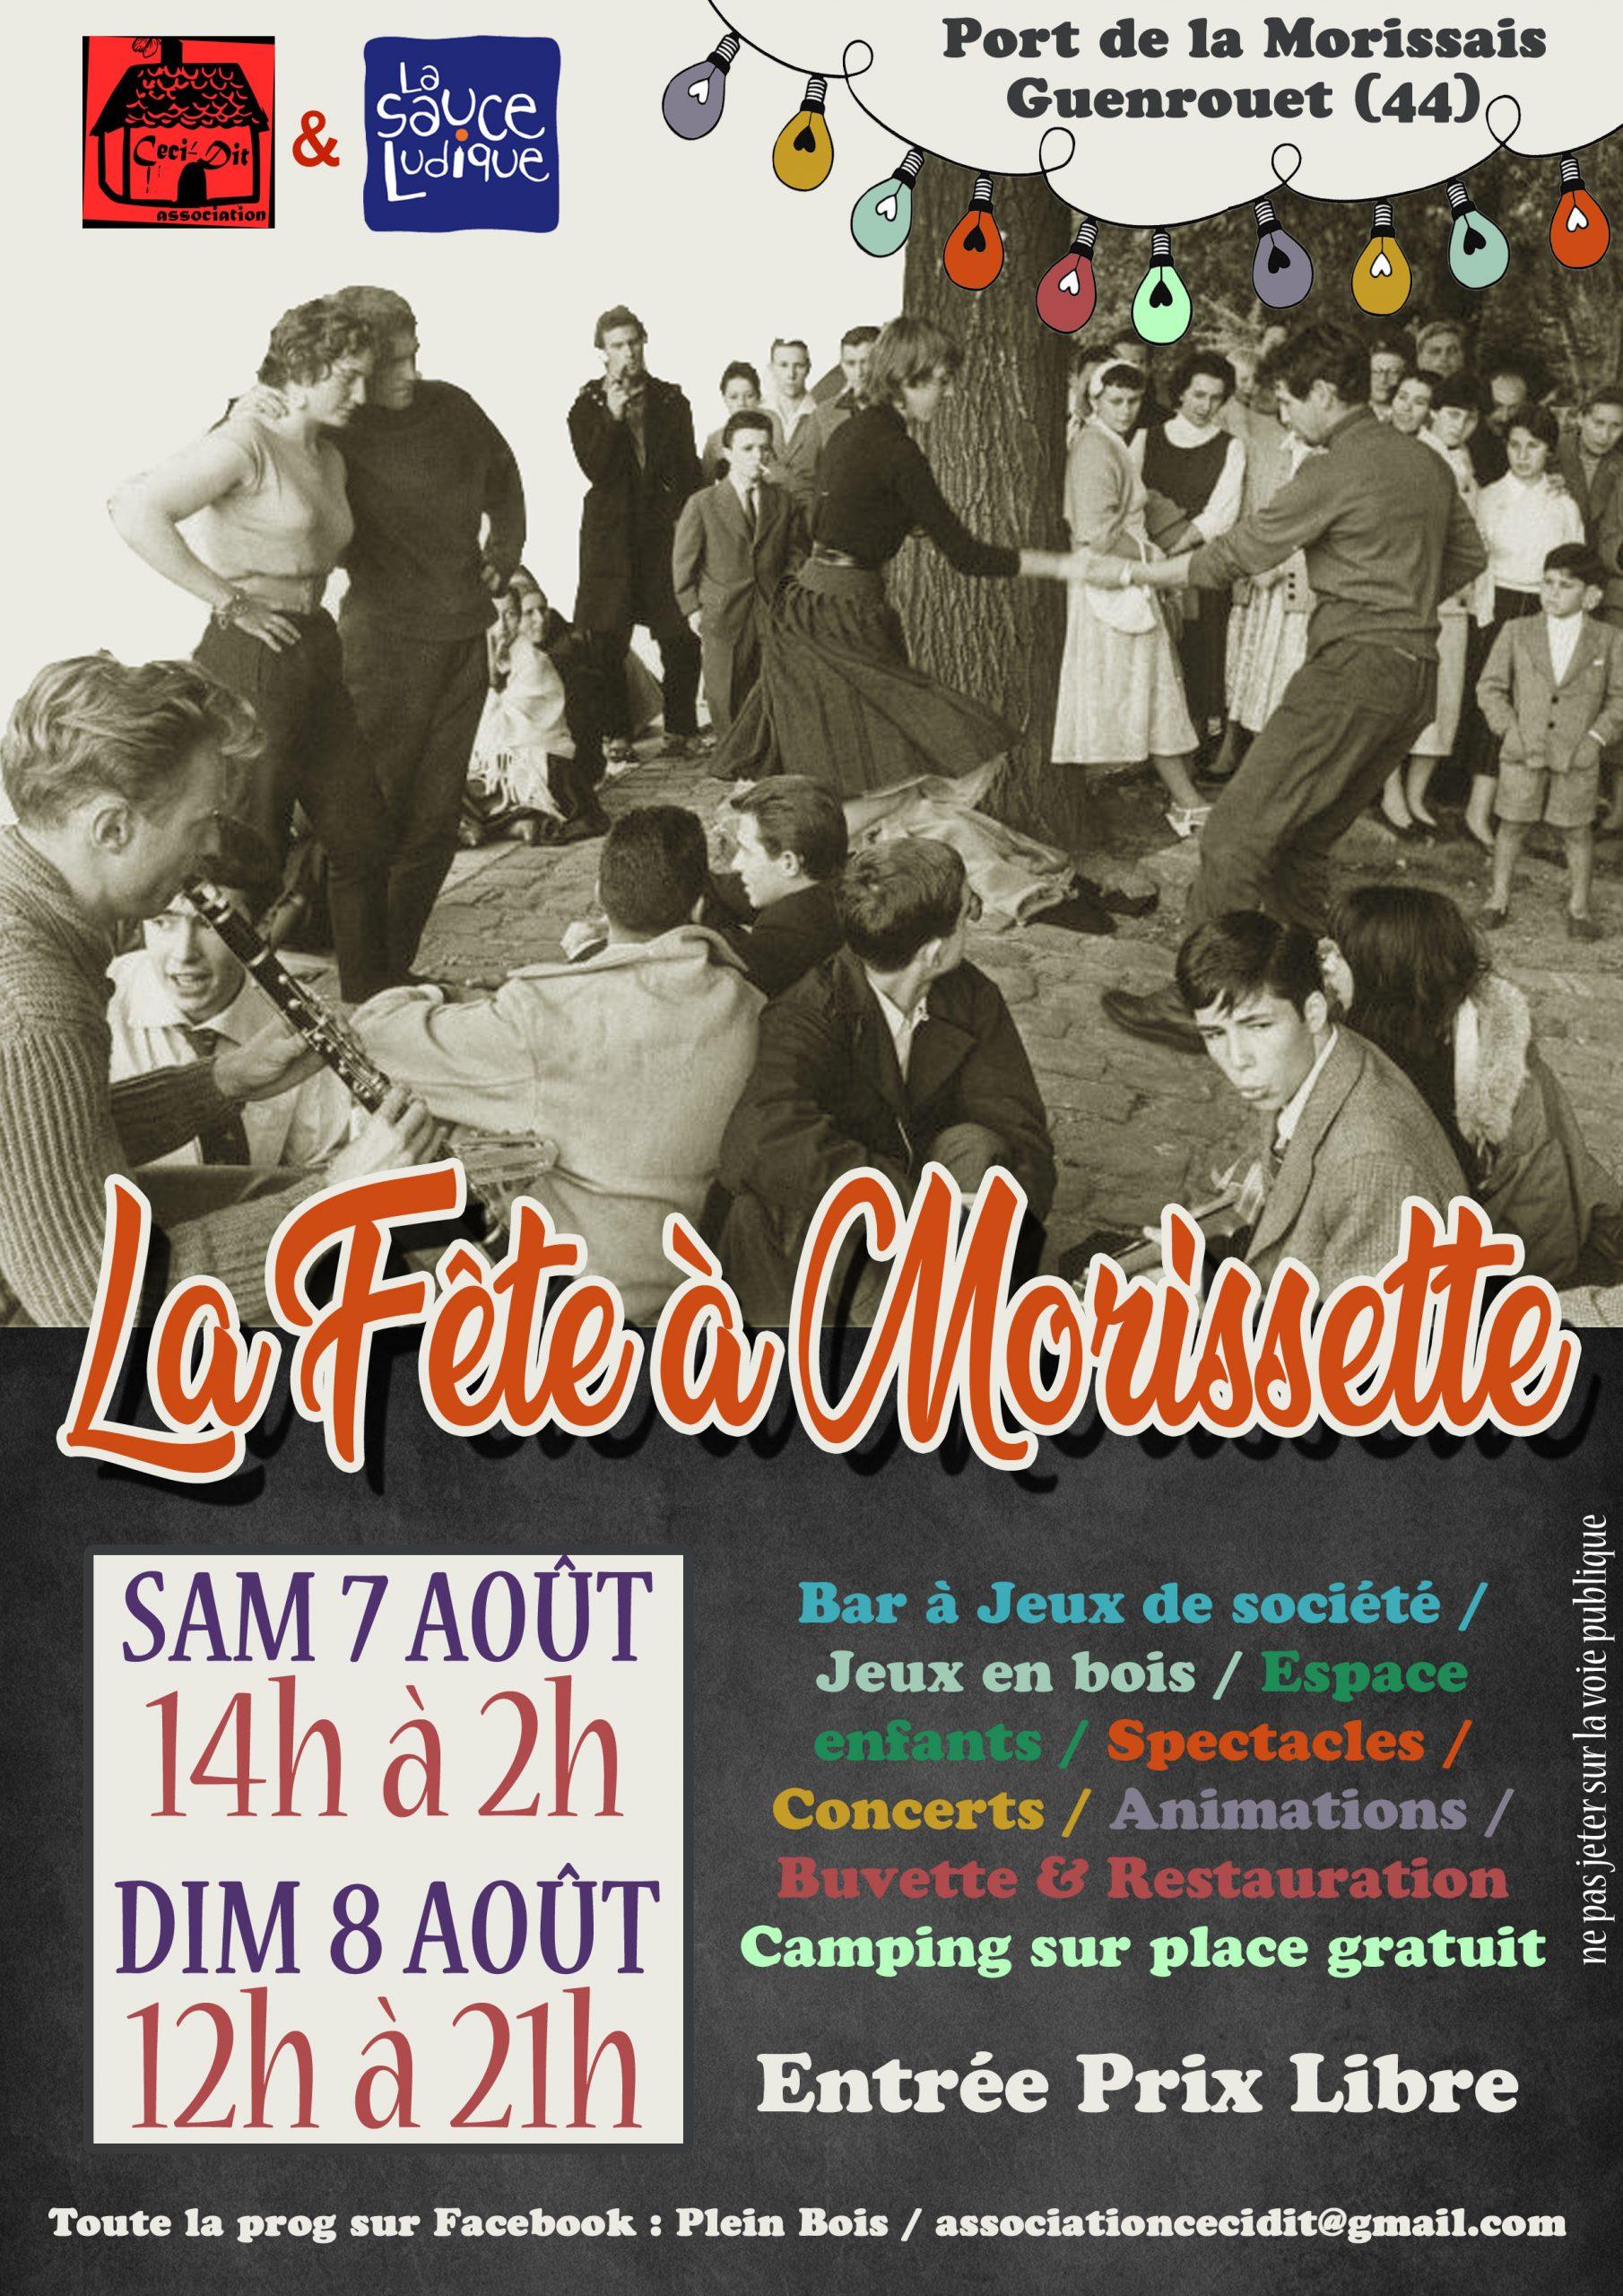 Fête à Morissette